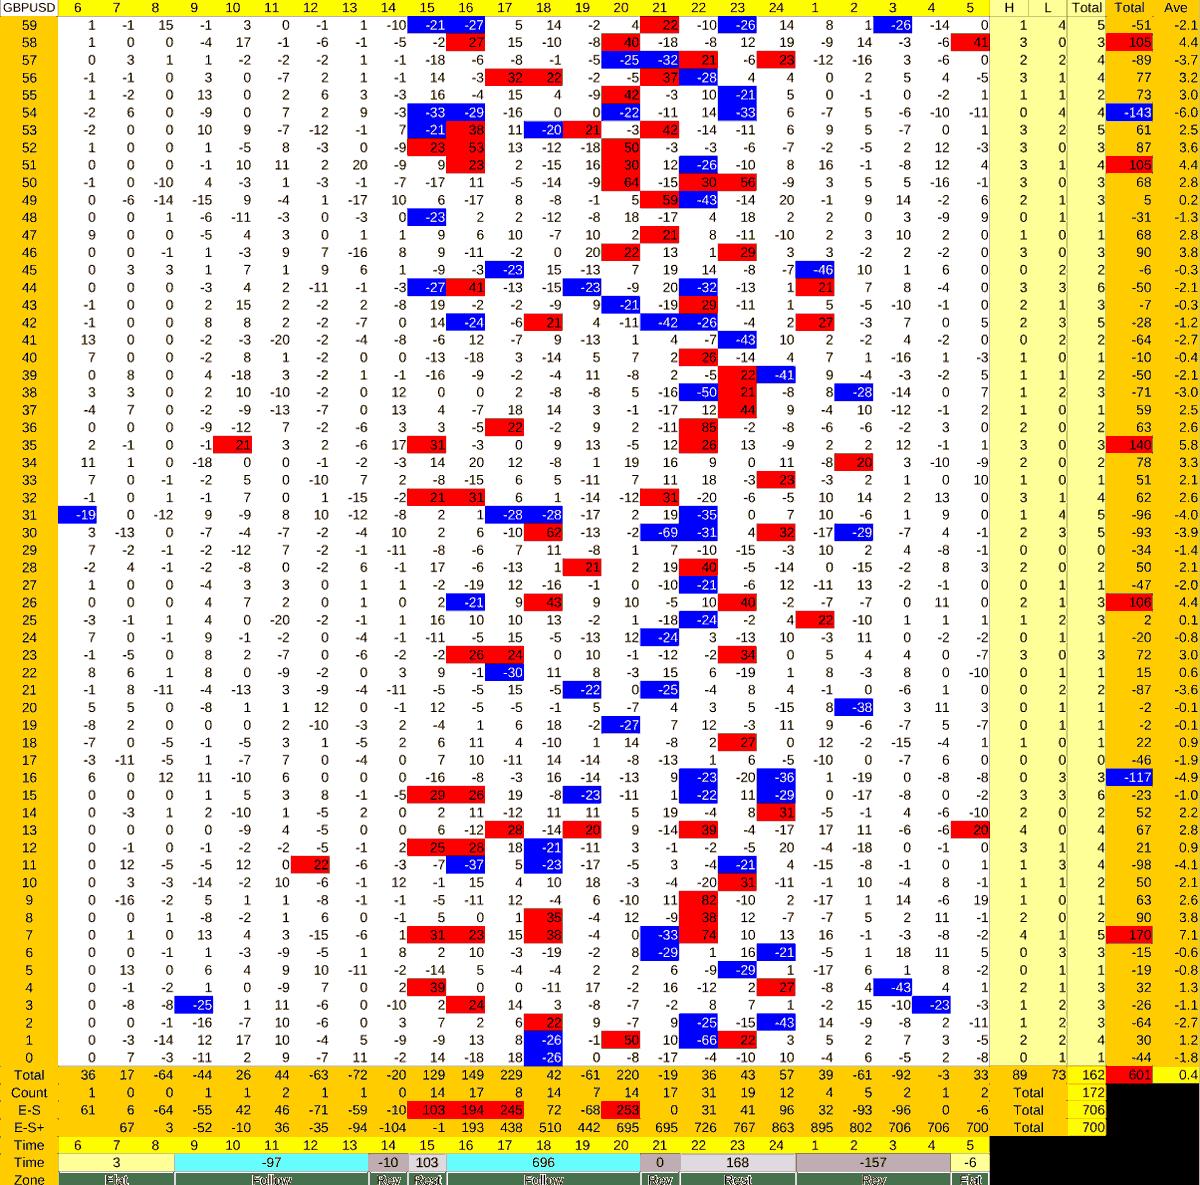 20210909_HS(2)GBPUSD-min